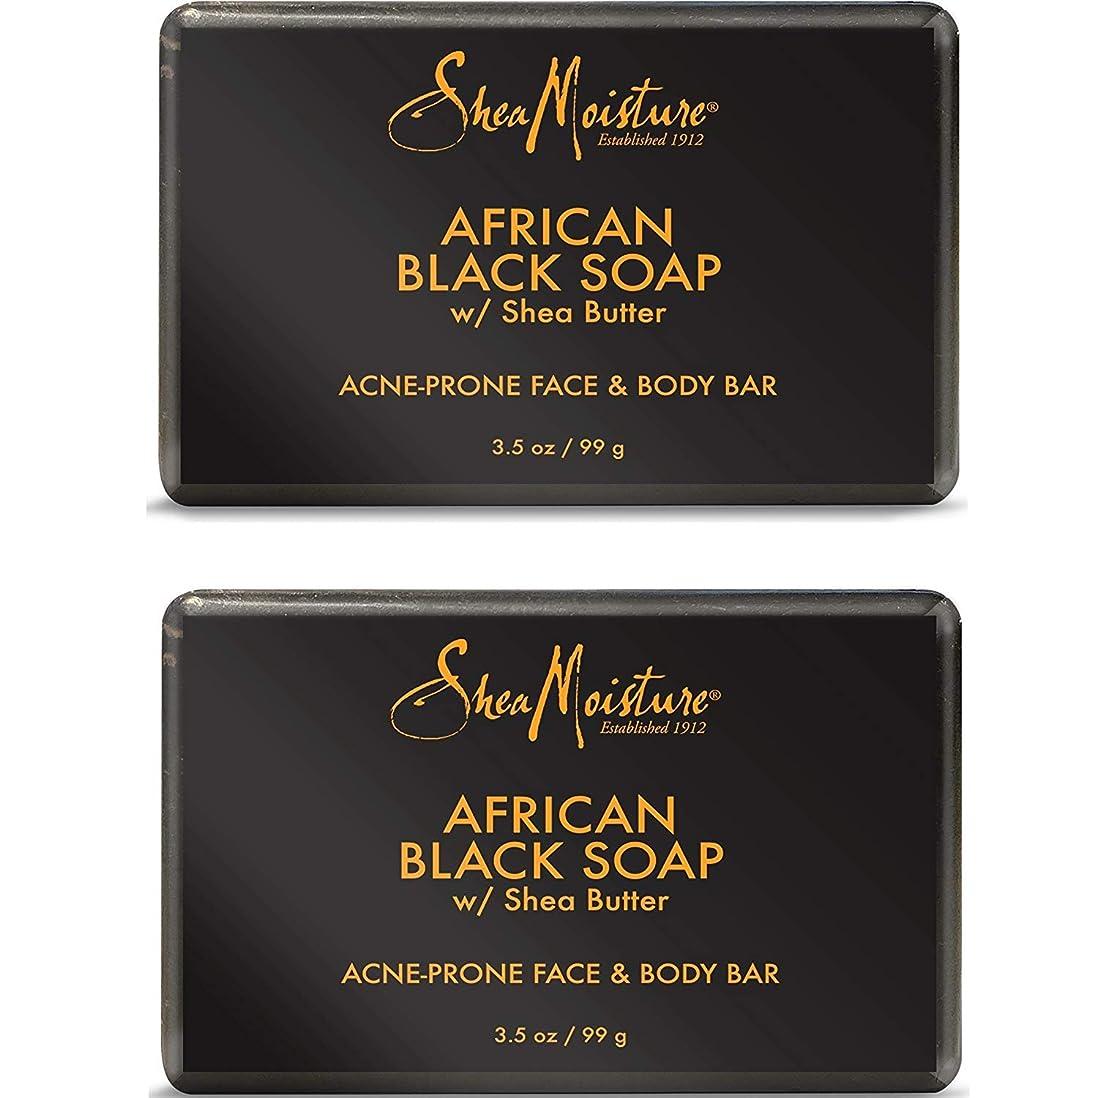 努力誰がプレゼントShea Moisture アフリカンブラックソープバー、3.5オズ、2パック 2パック